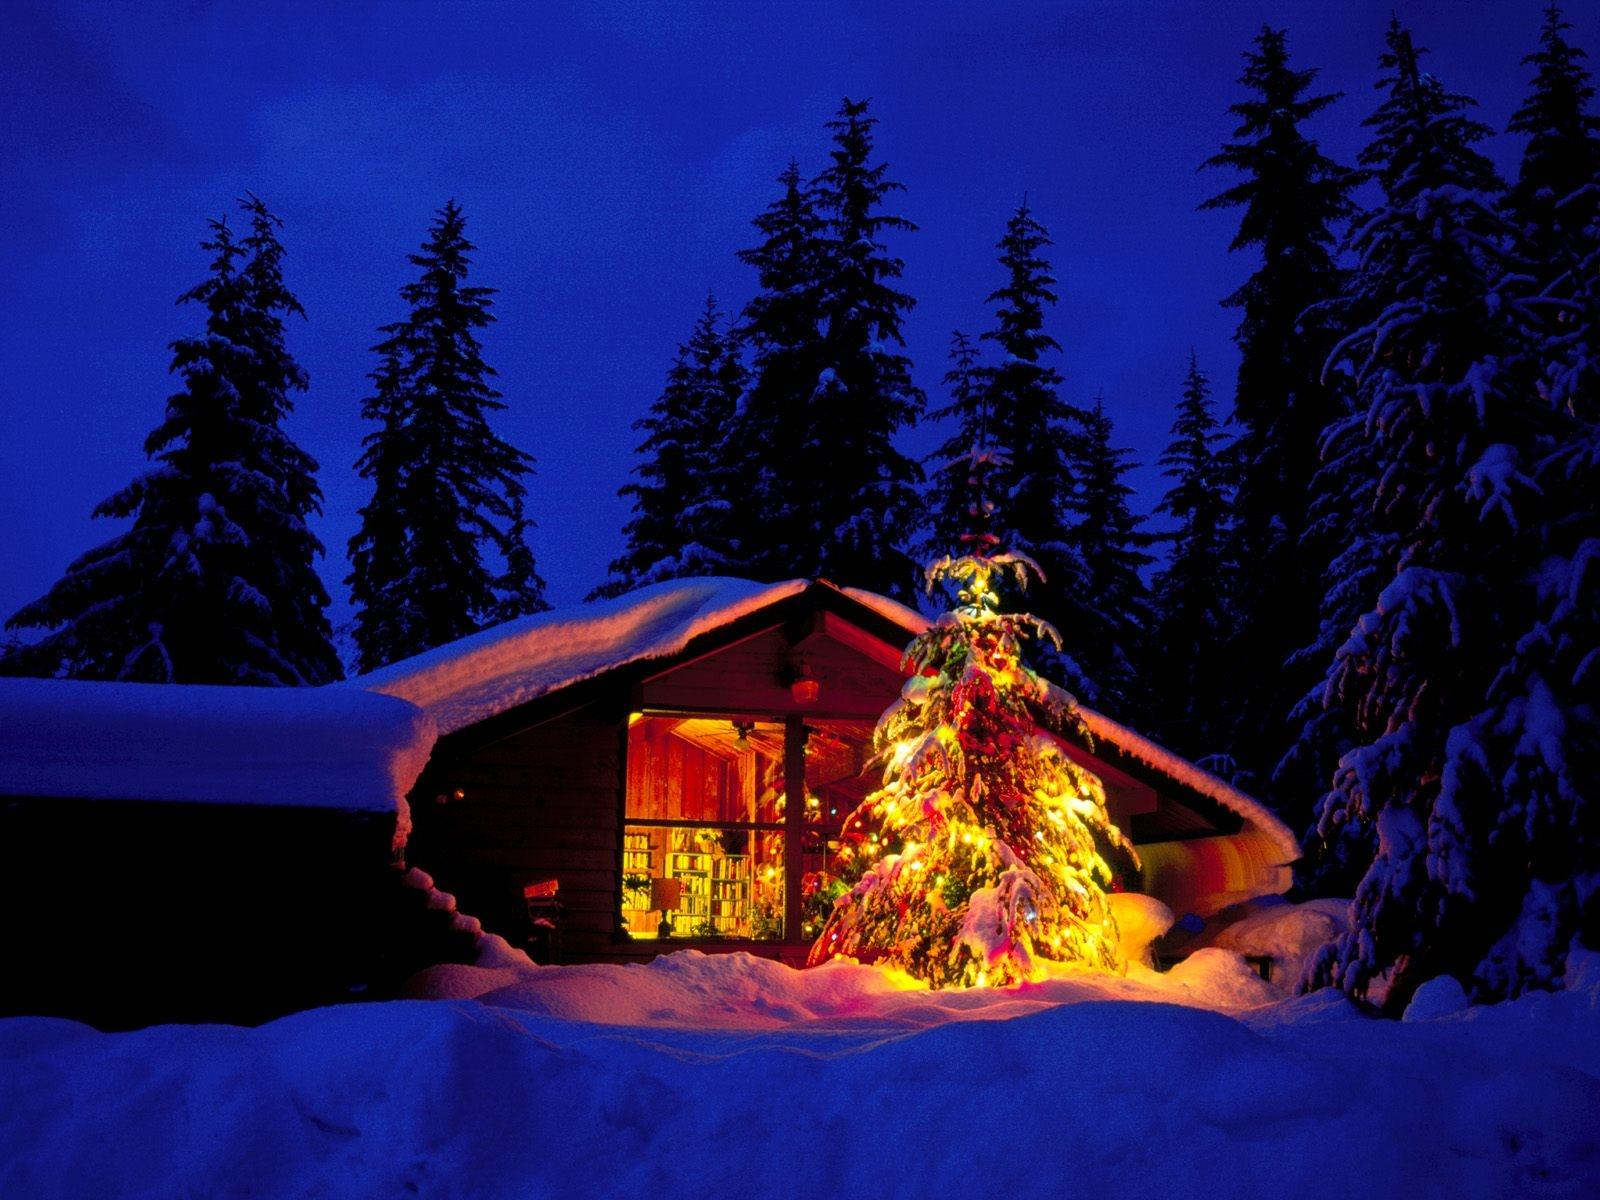 Haus Weihnachtsbeleuchtung.Hintergrundbilder Fenster Nacht Himmel Schnee Winter